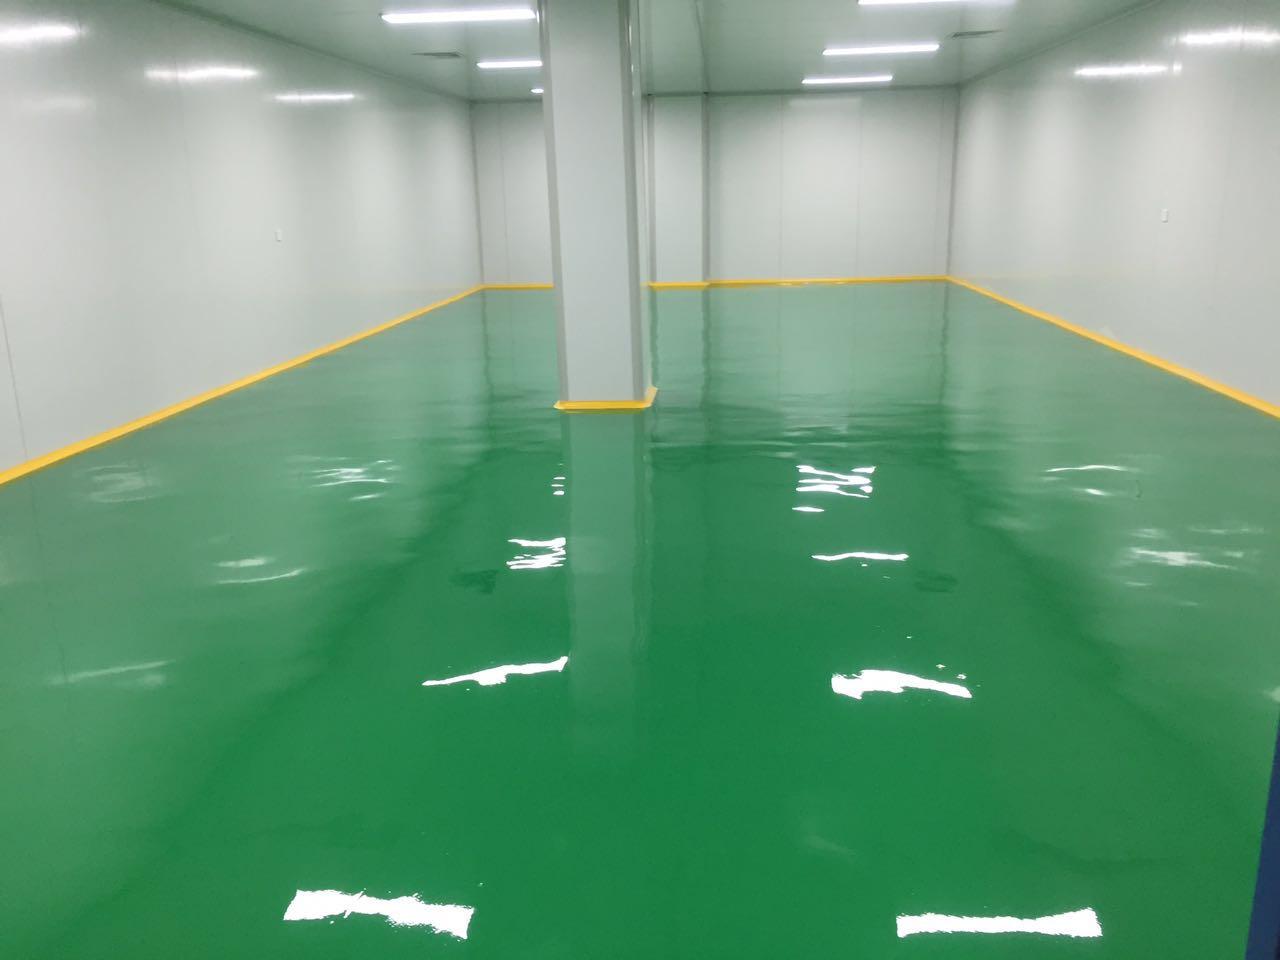 赛诺微医疗科技(慈溪)有限公司环氧防静电地坪